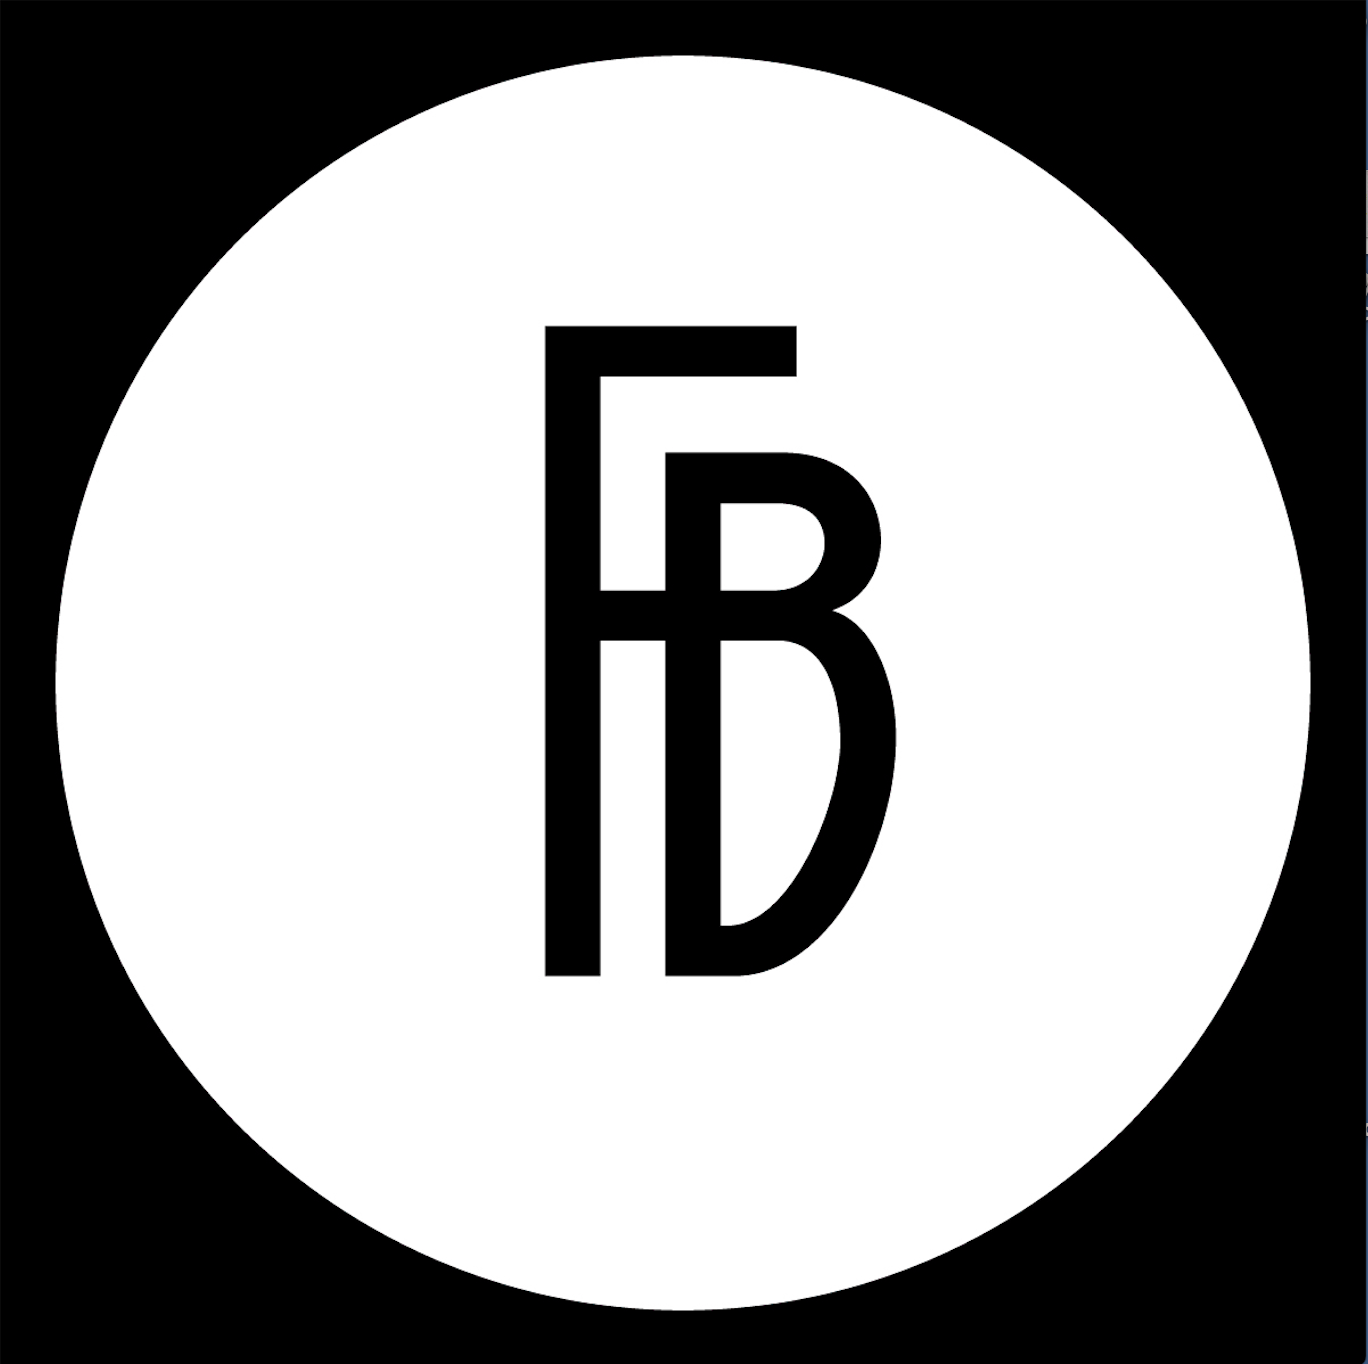 Frohe Botschaft PR logo